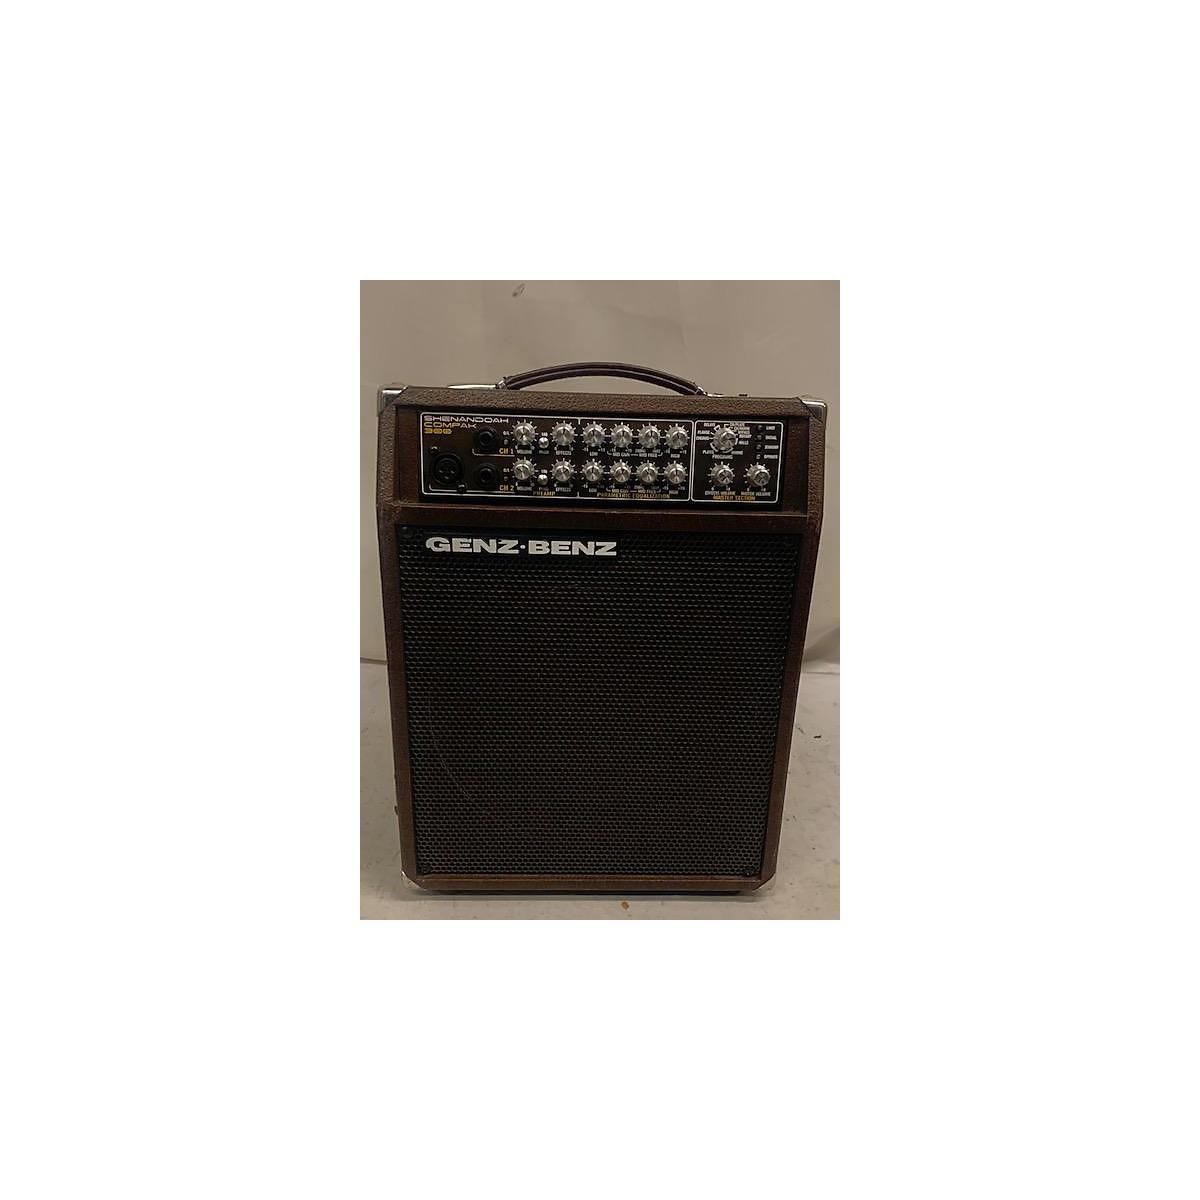 Genz Benz Shenandoah Compak 300 Guitar Combo Amp